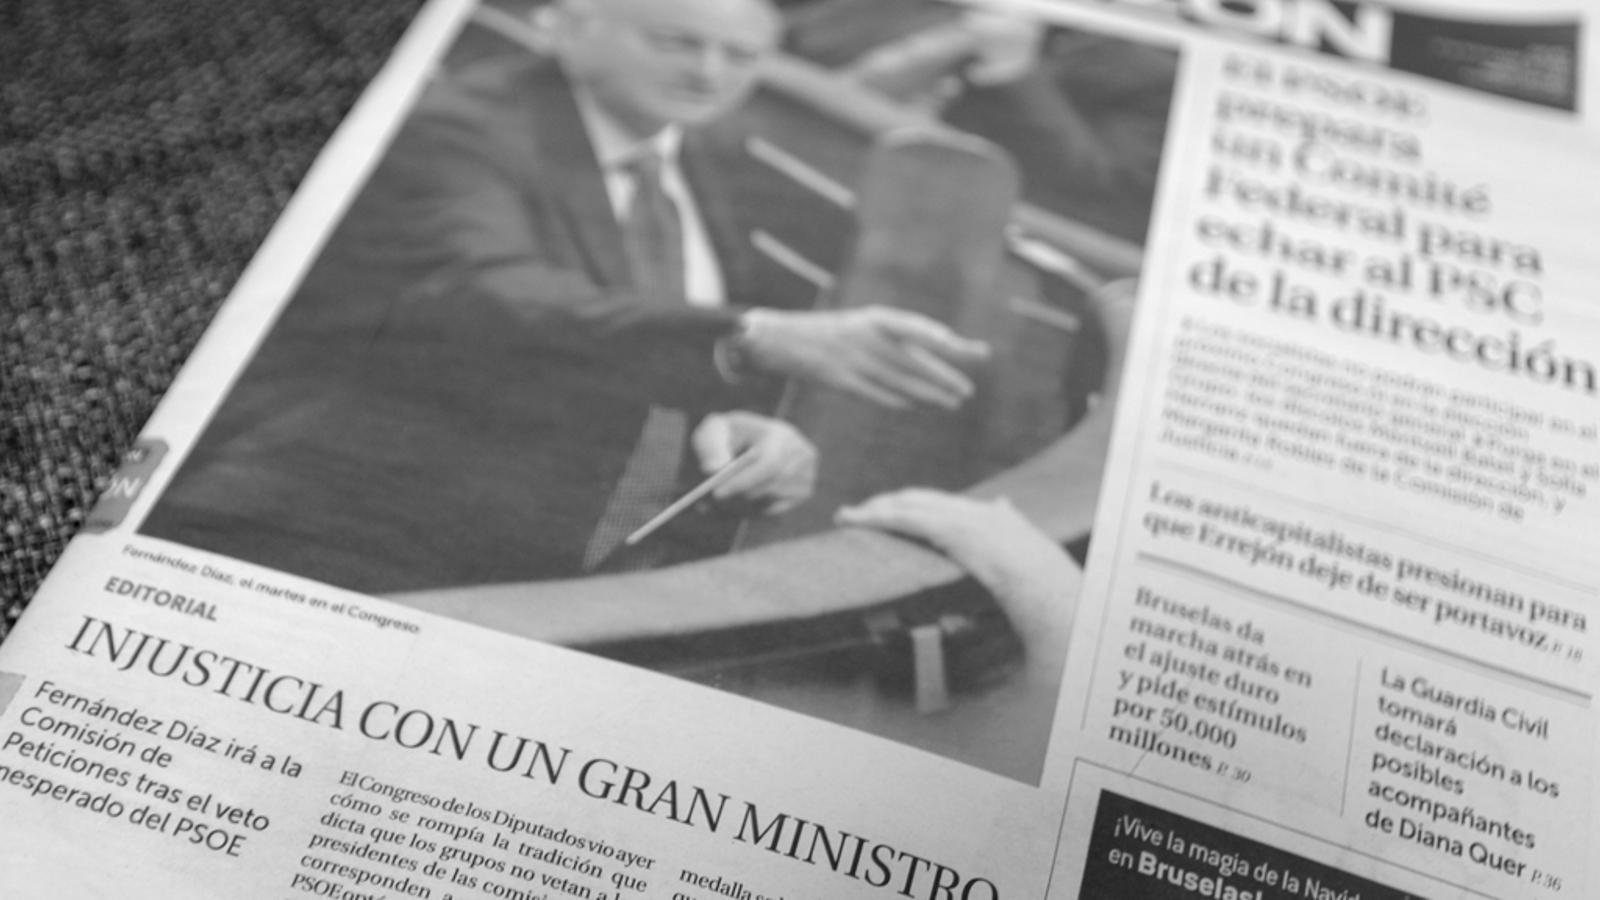 L'anàlisi d'Antoni Bassas: 'La postveritat'